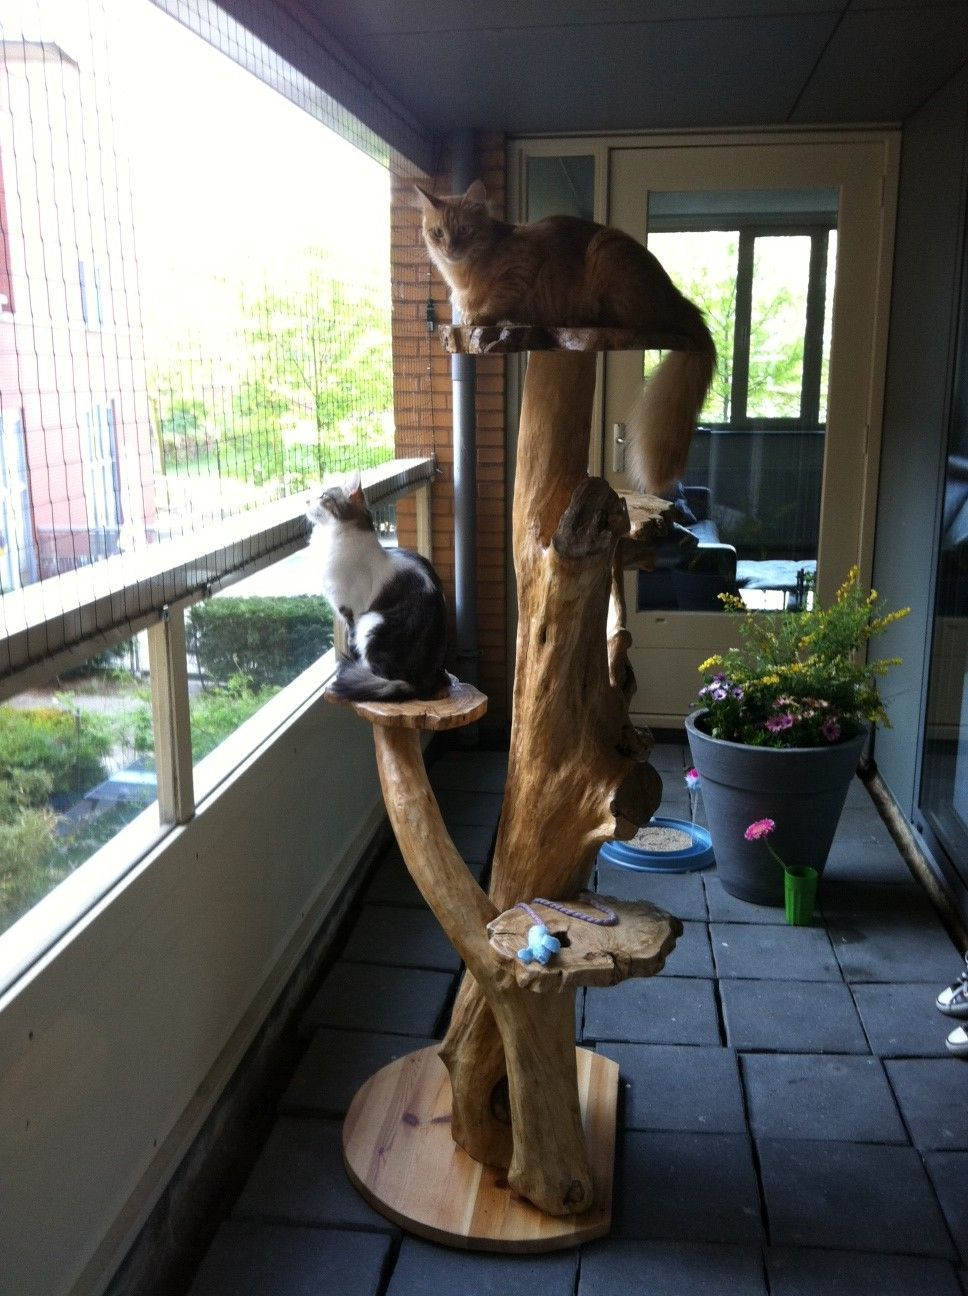 Cat tree diy homemade for cats catsdiytower diy cat